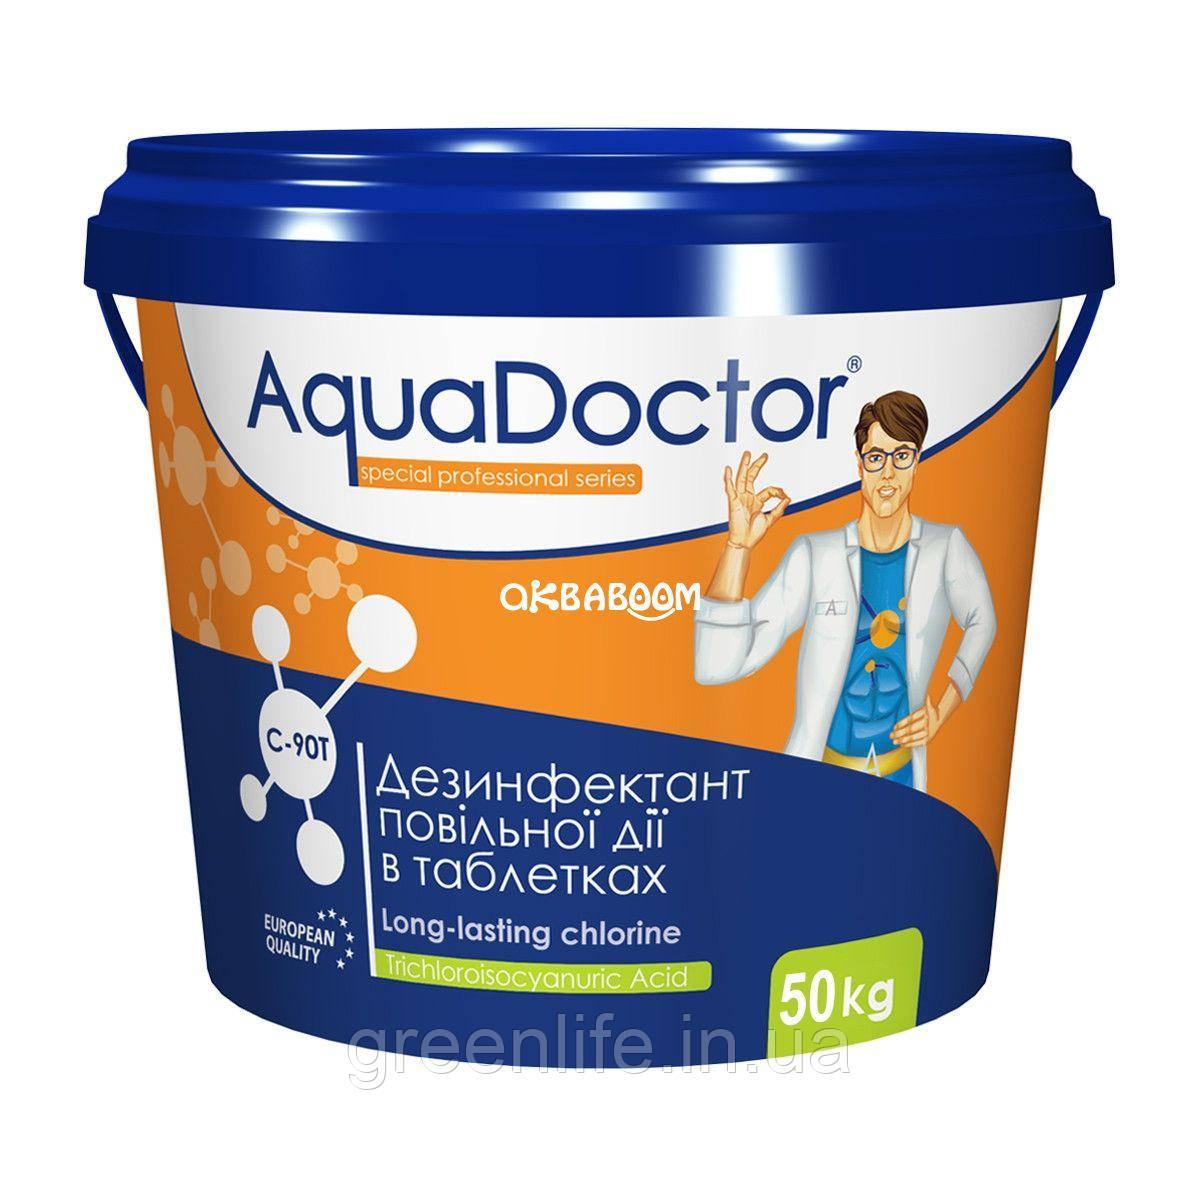 Длительный хлор в таблетках Aquadoctor C90T (50 кг), Аквадоктор, в таблетках,  50 кг